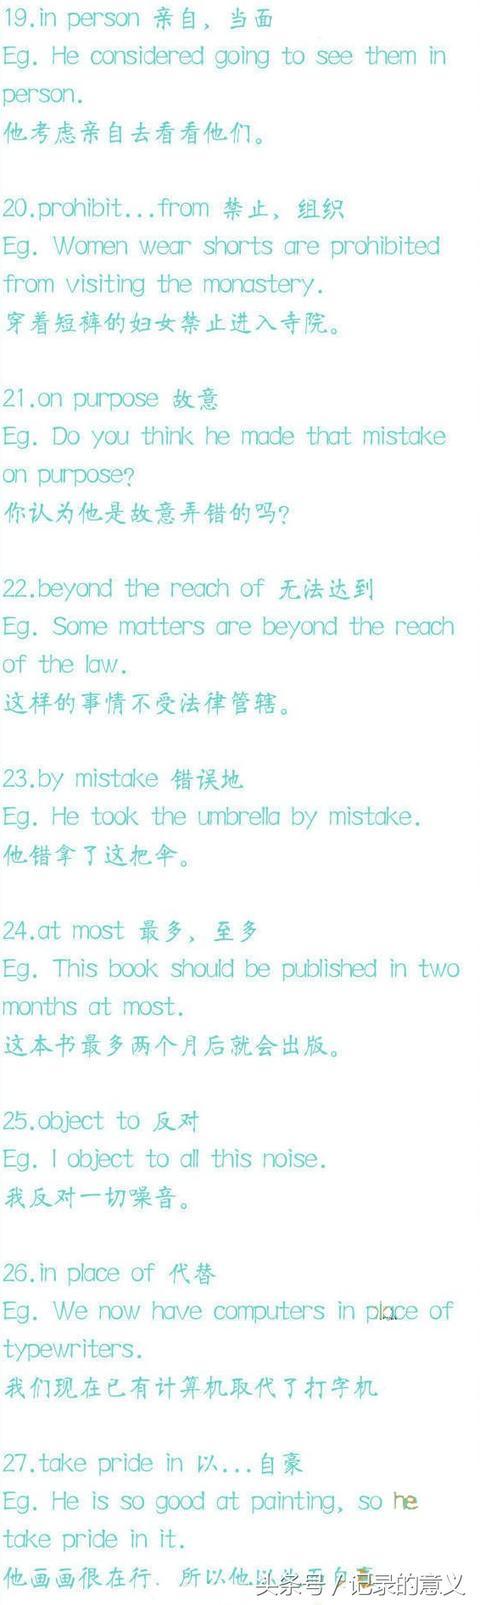 英语四六级常考的83个词组短语小结,附上例句,便于理解